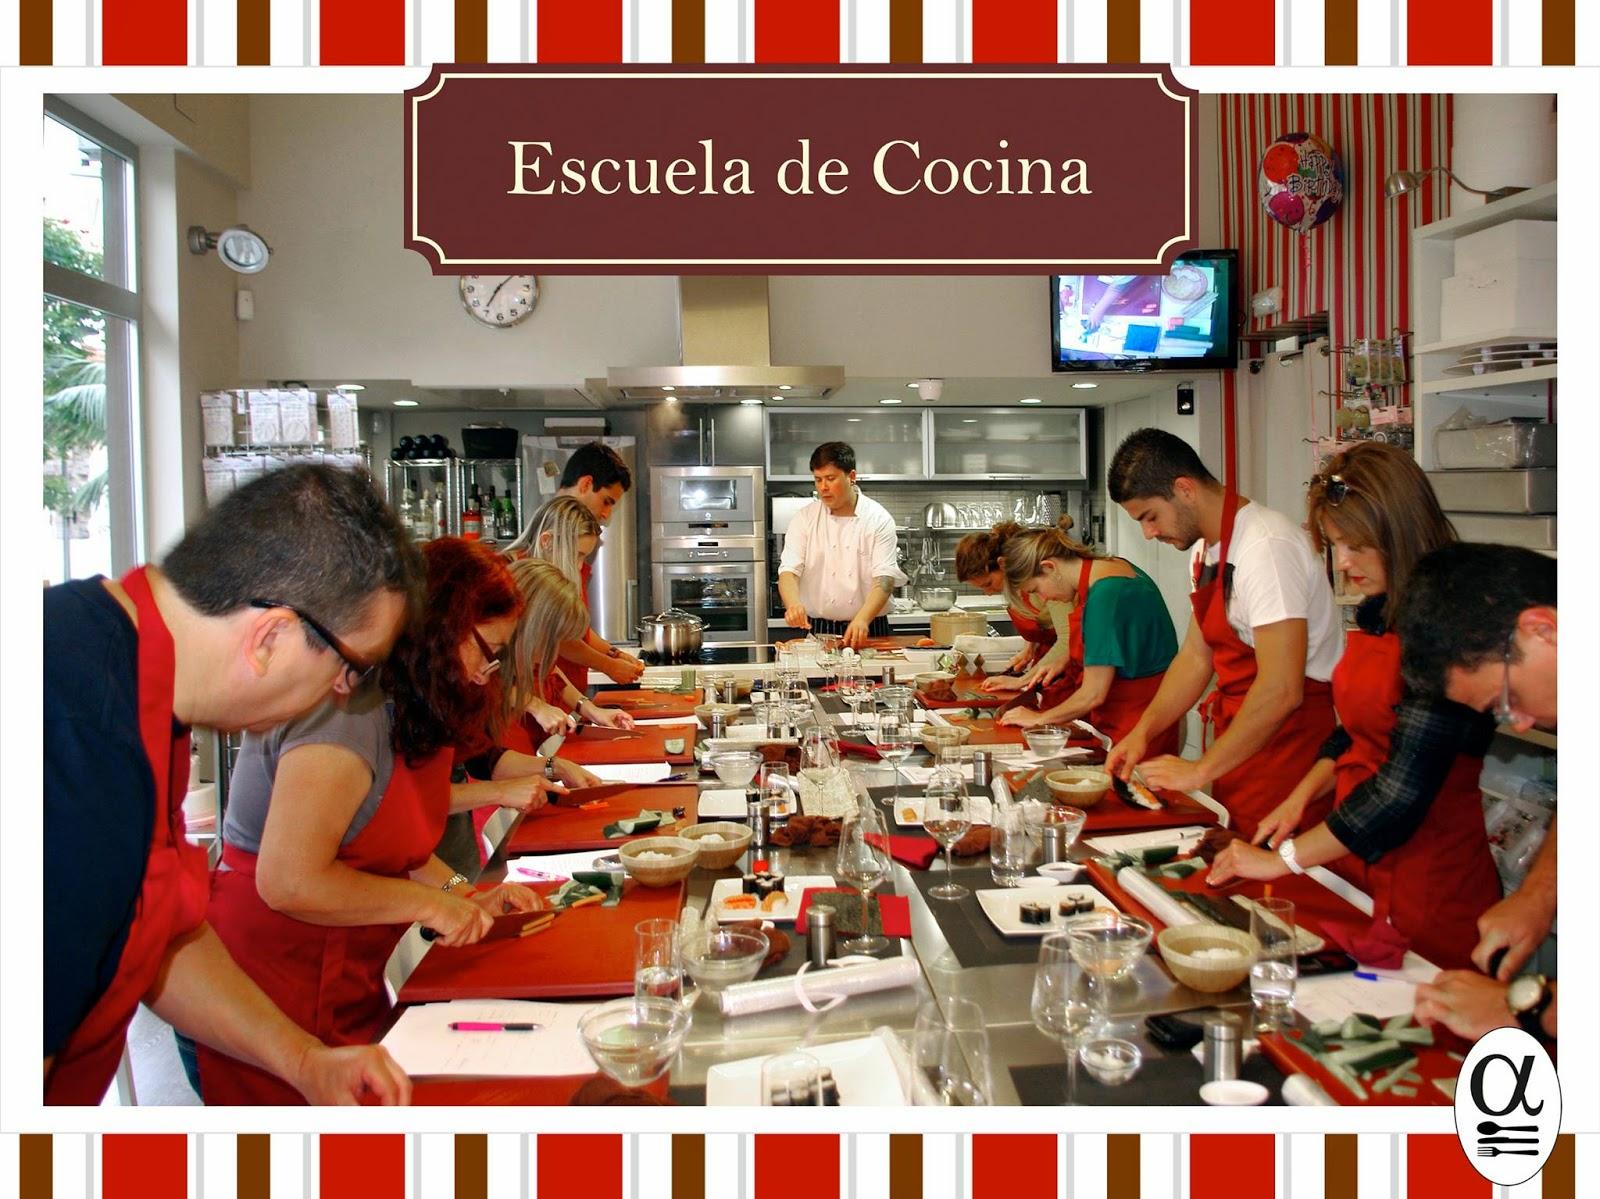 Soho santa cruz calendario de cursos de cocina de arj para octubre - Cursos de cocina sabadell ...